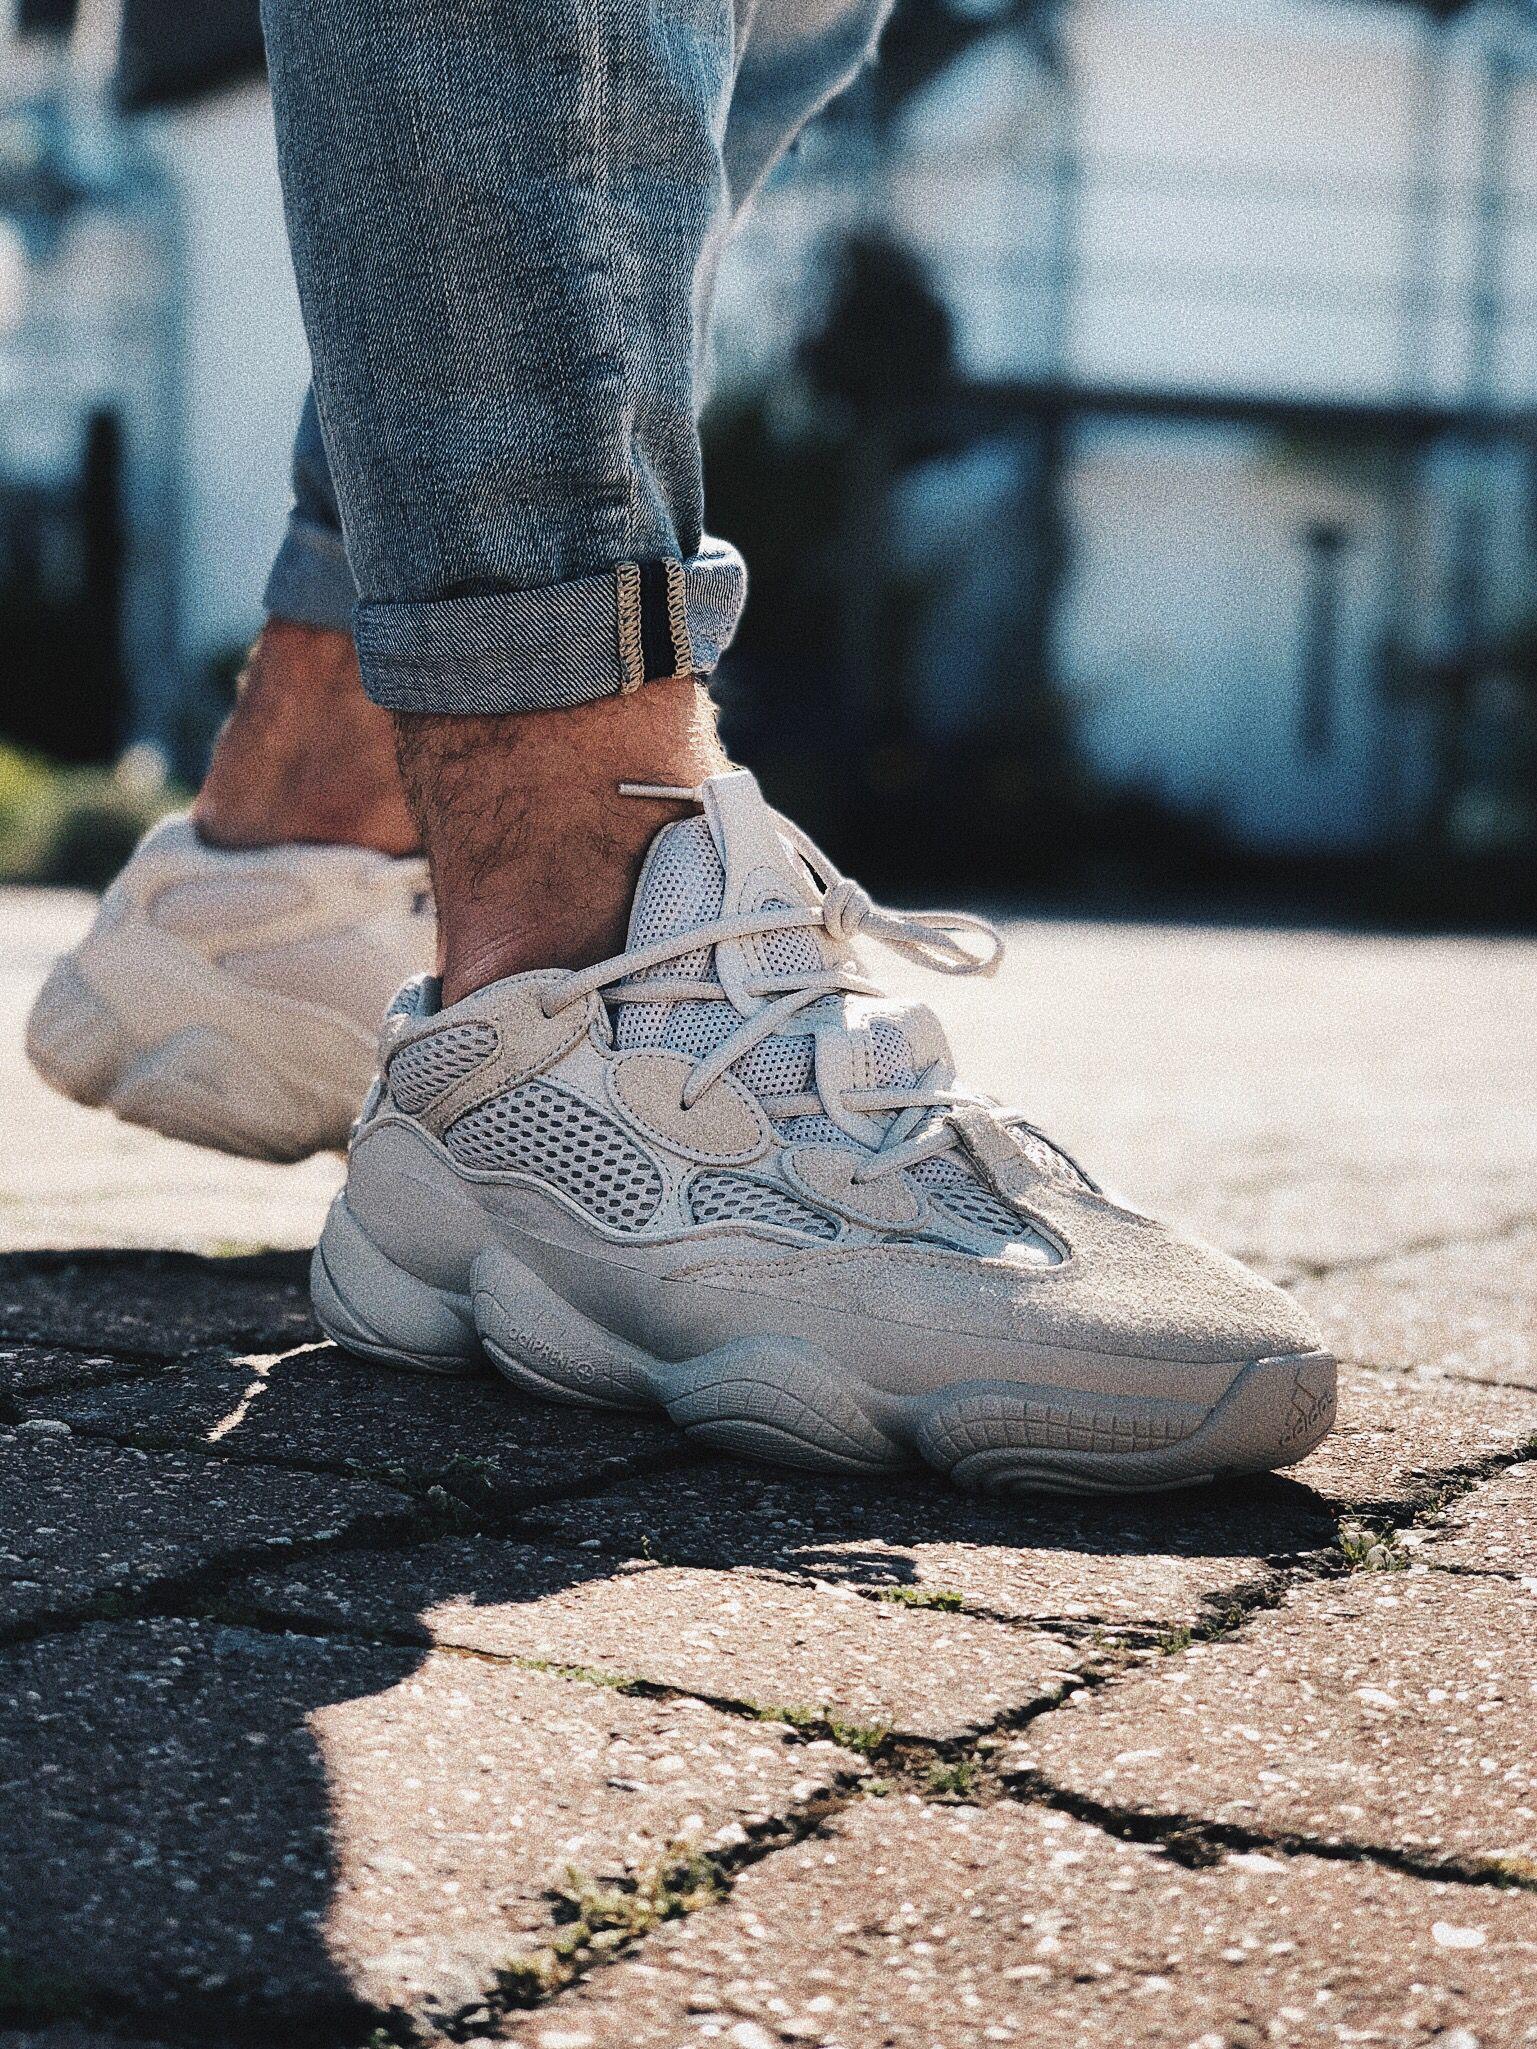 Adidas Yeezy 500 adidas Schuhe & Mode für Damen und Herren